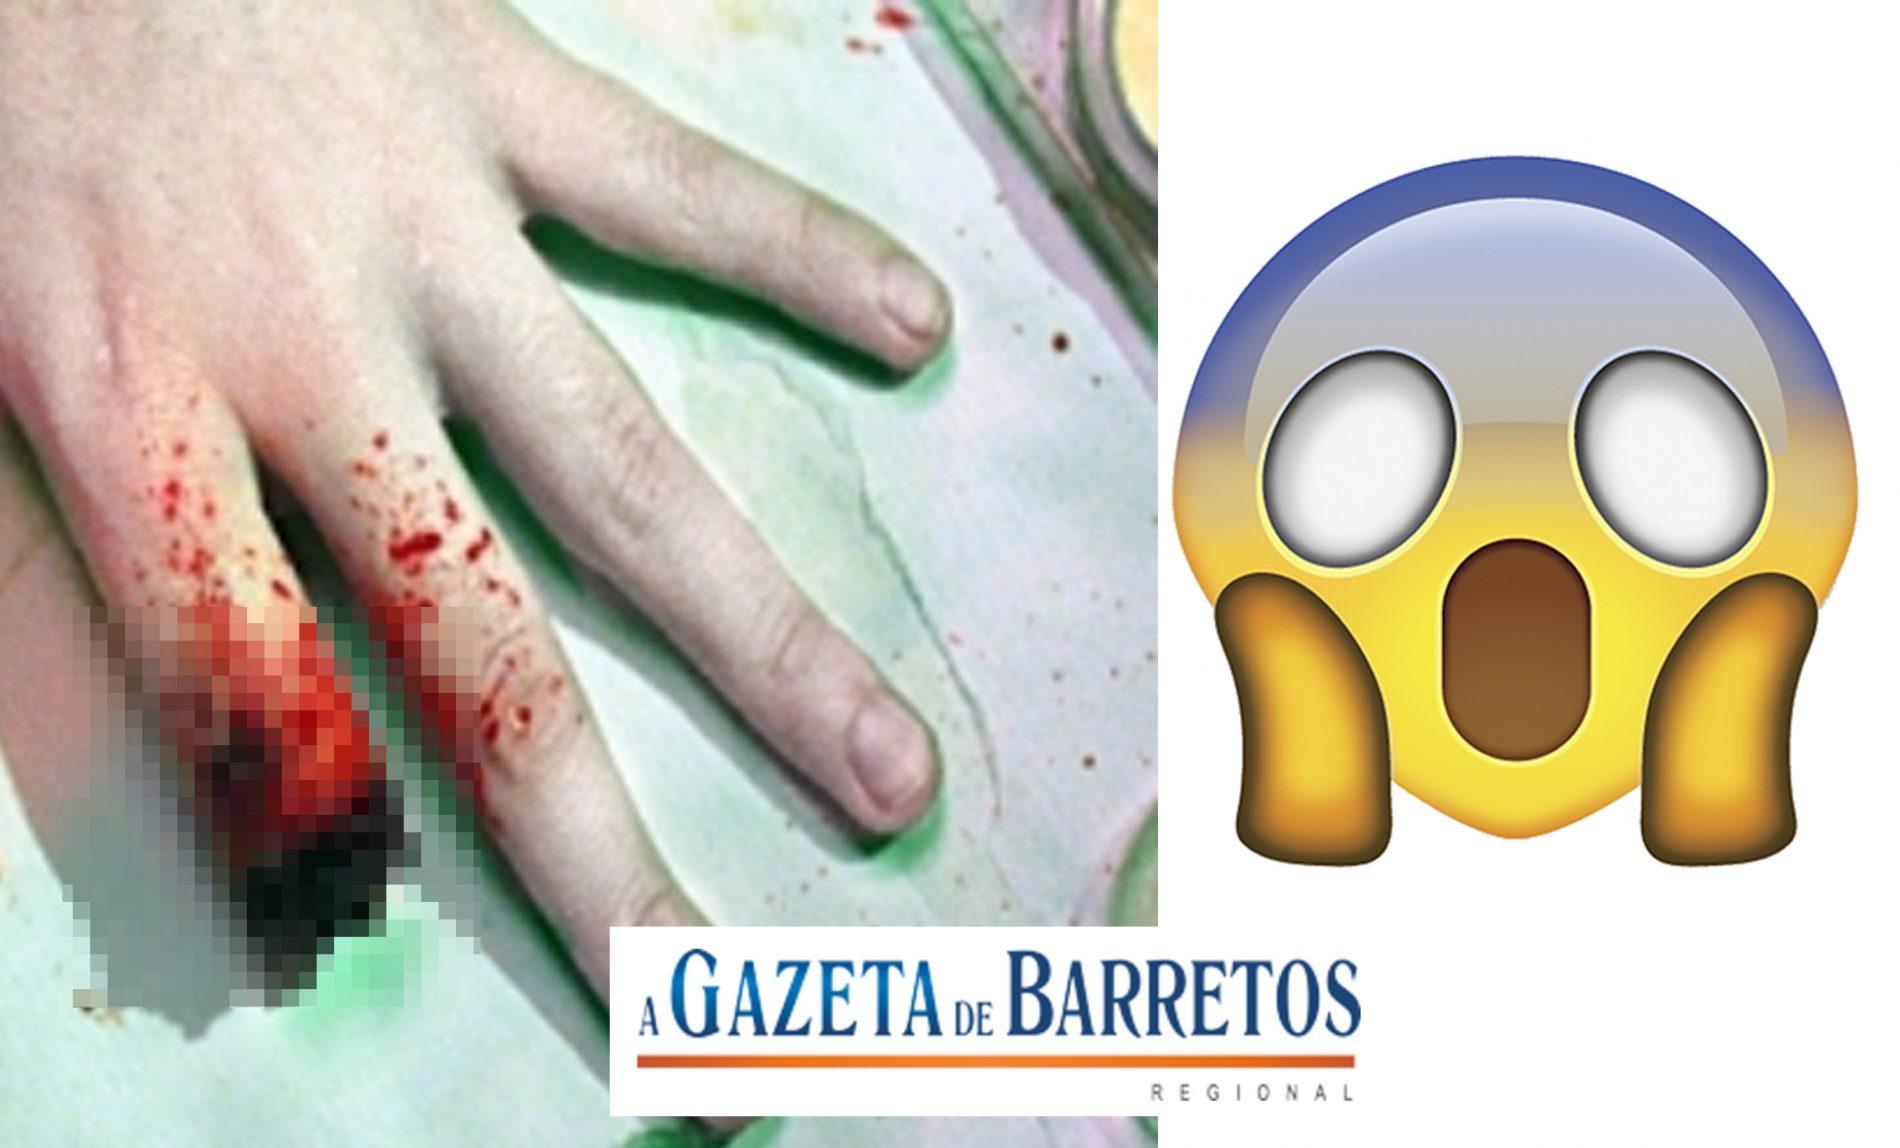 ARARAQUARA: marido arranca parte do dedo da mulher no dente!